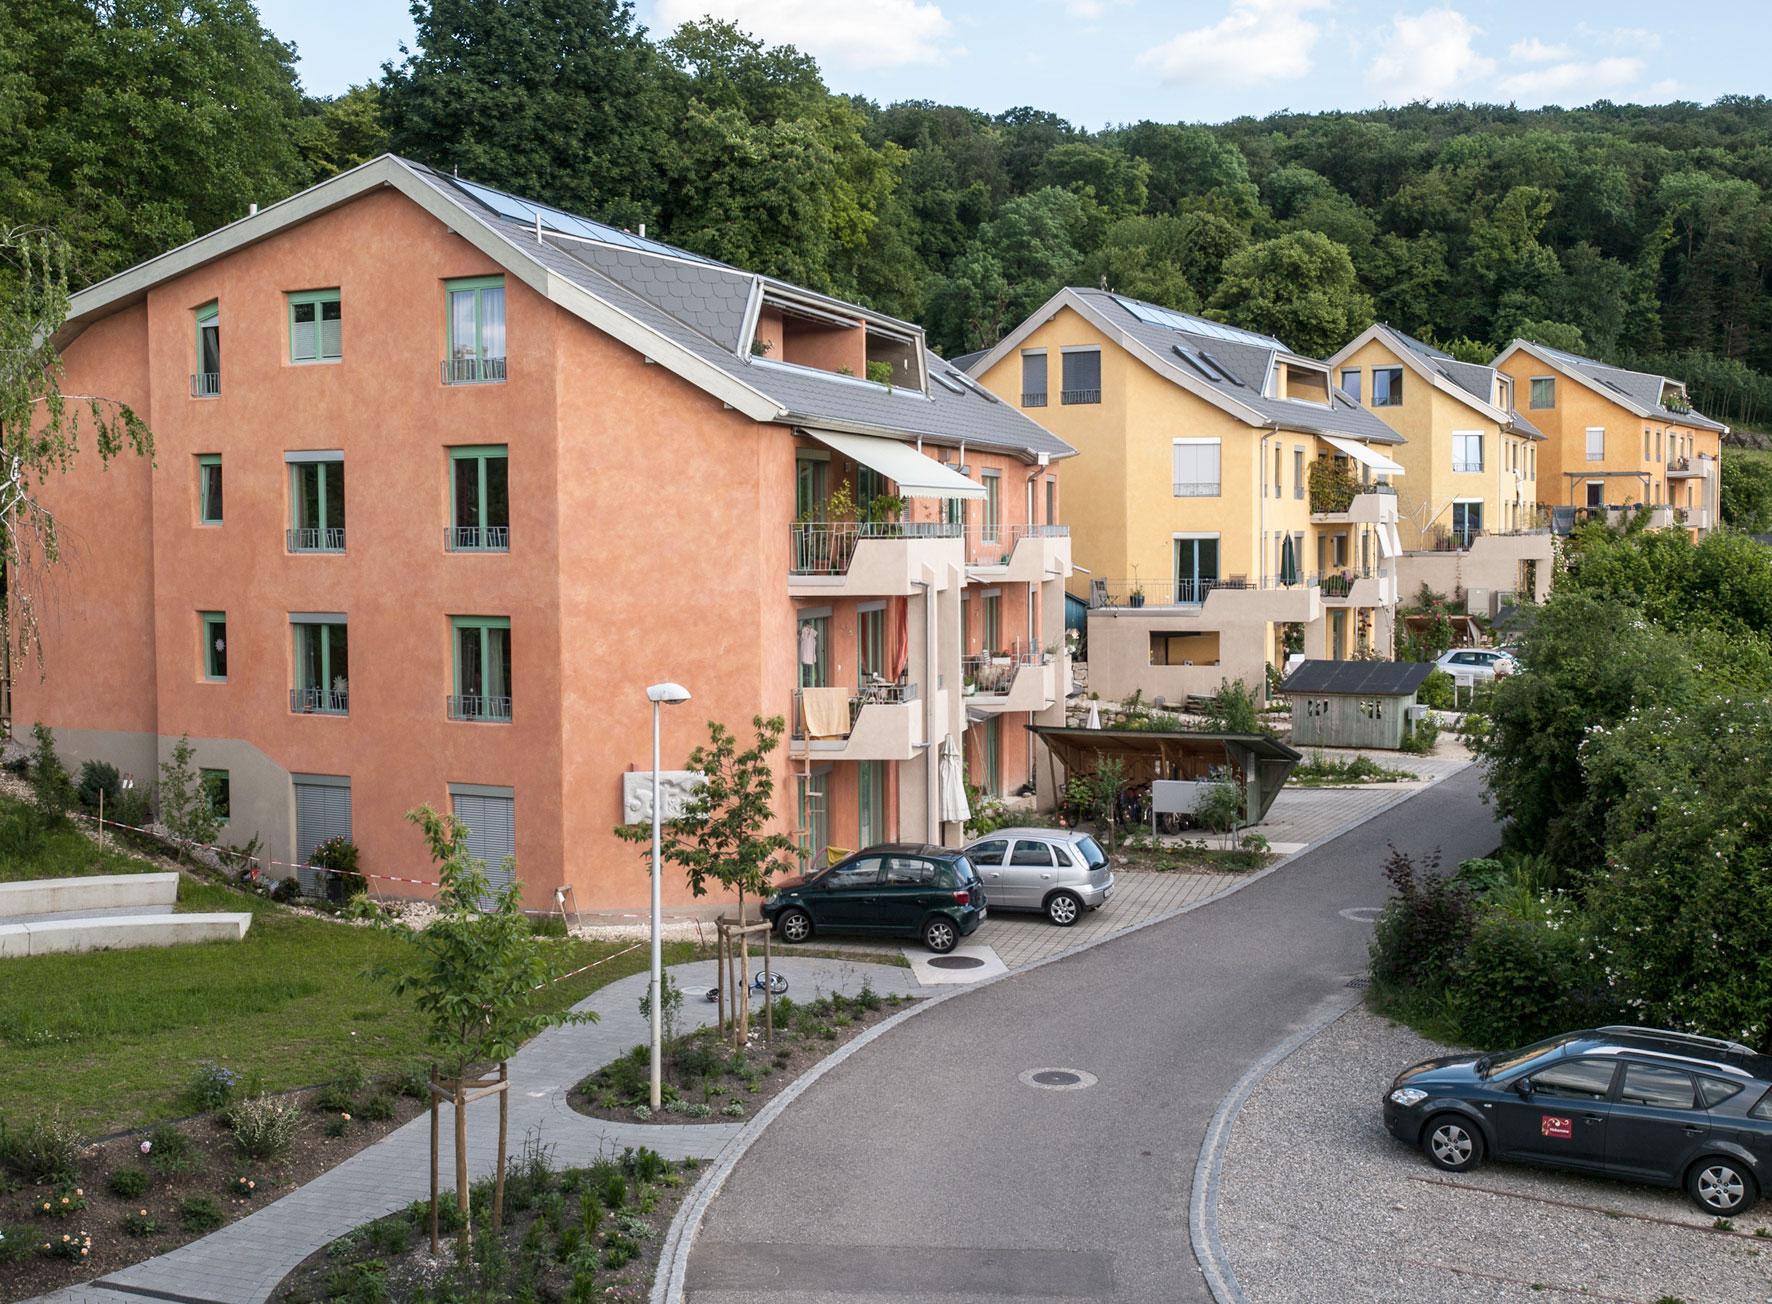 Wohnsiedlung Neue Heimat Dornach Apfelsee Wohnbaugenossenschaft Sophie Stinde